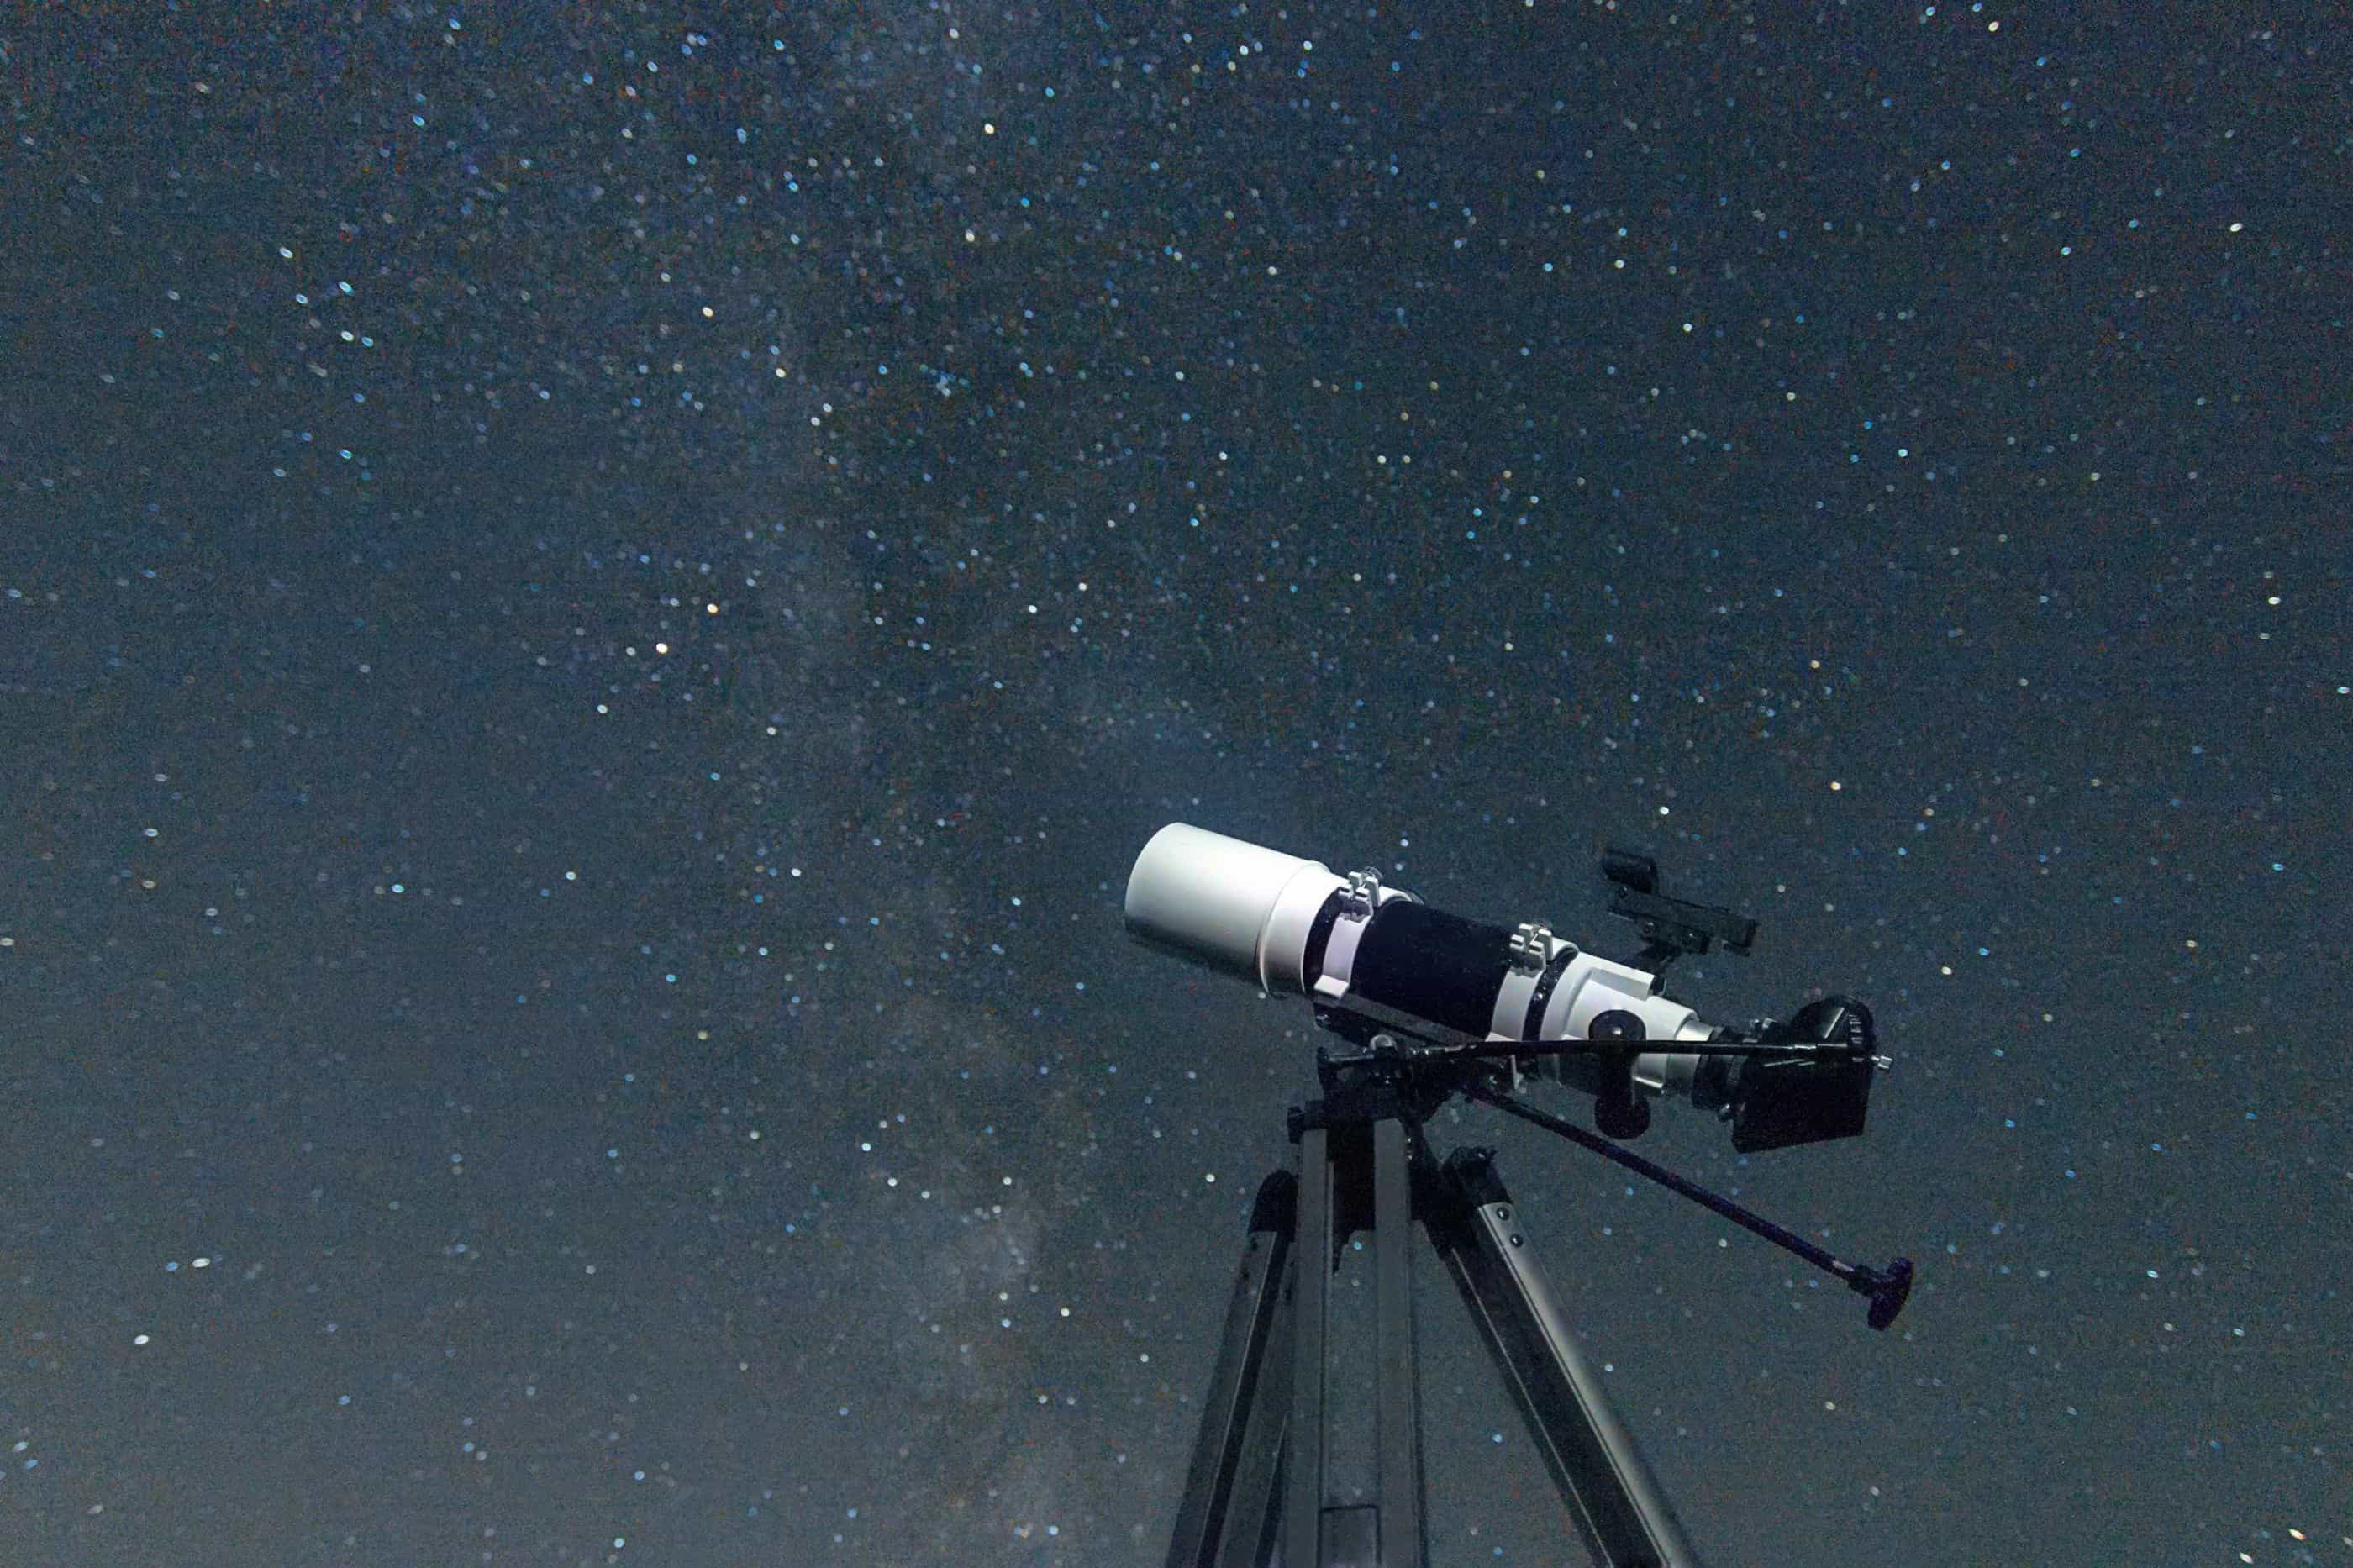 Sistema estelar pode gerar uma das maiores explosões do universo